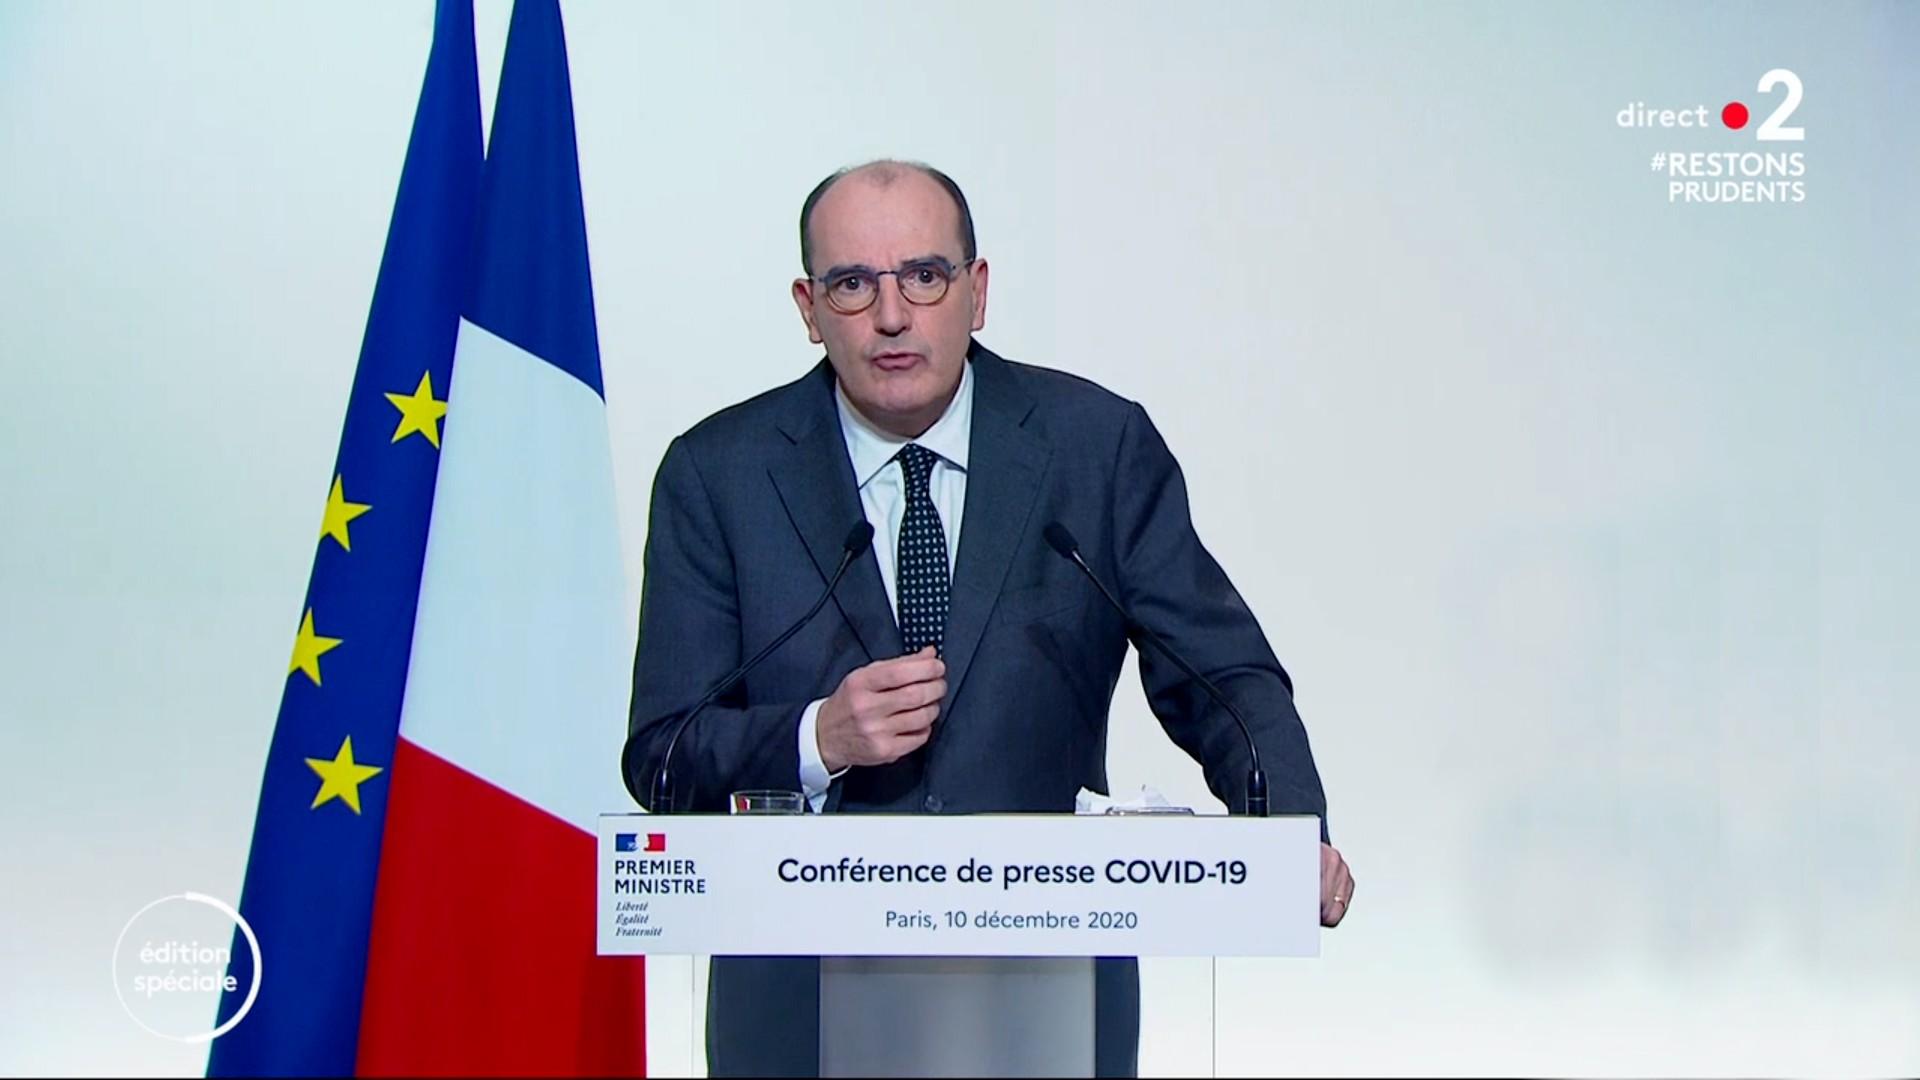 Jean Castex Premier Ministre Allucution 10 décembre 2020